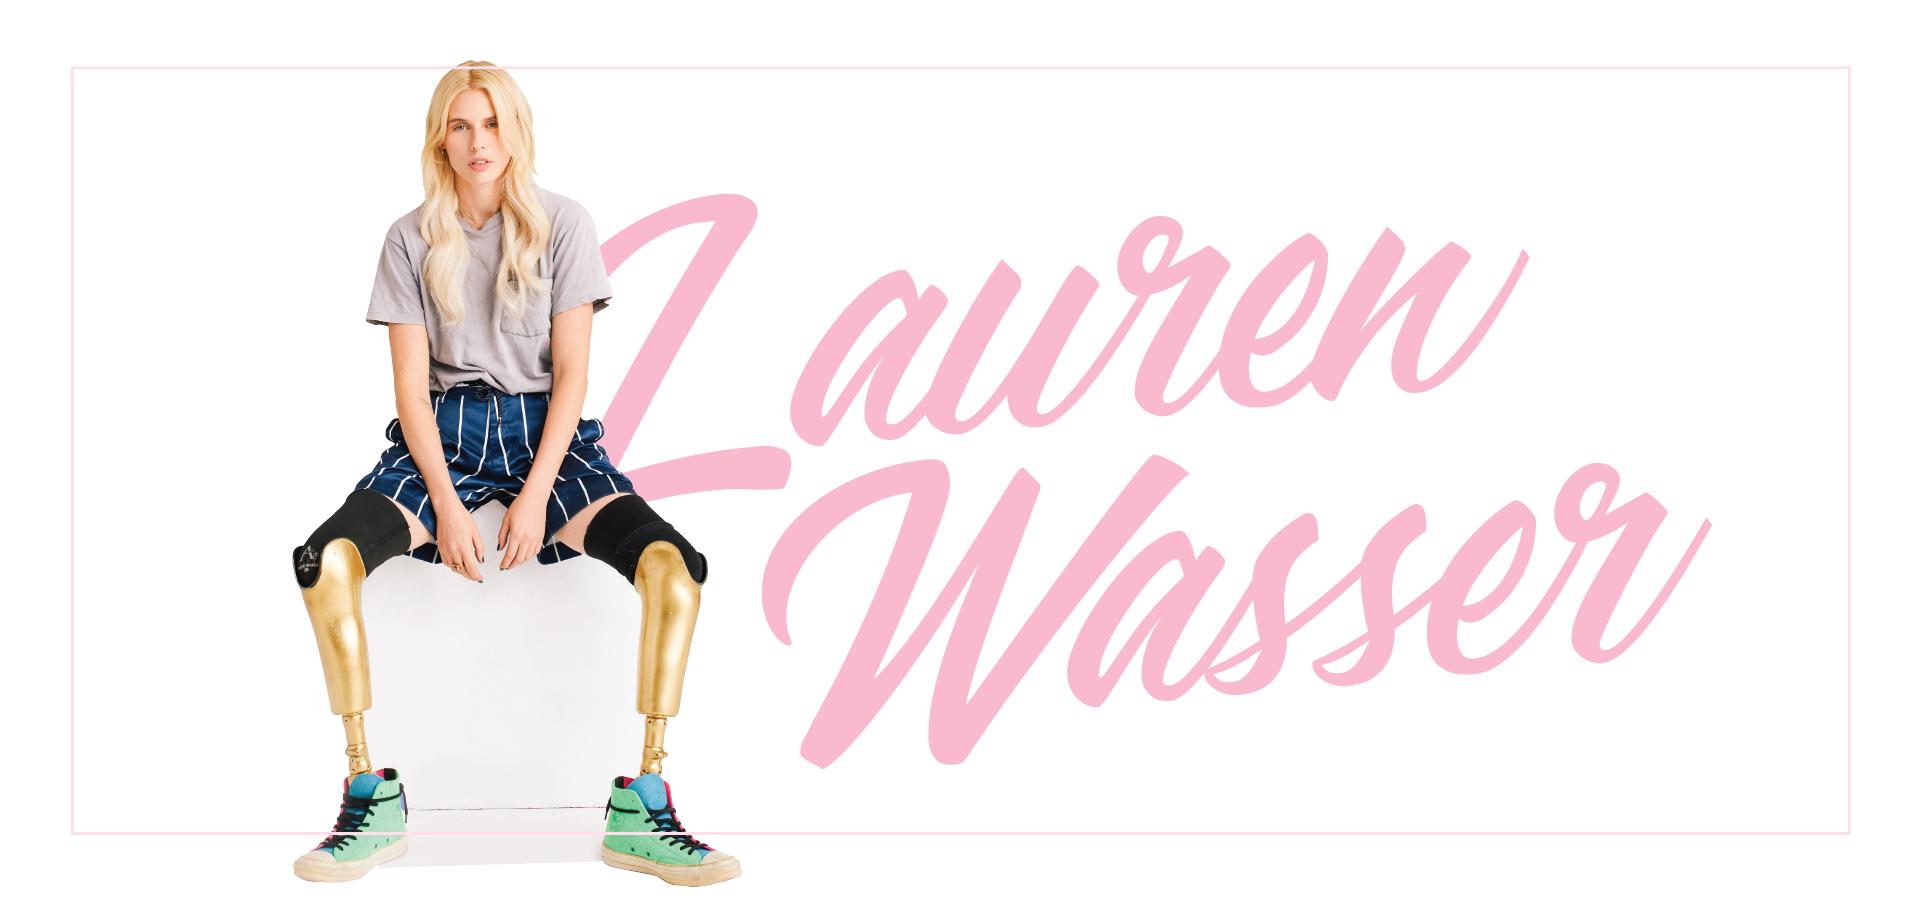 Lauren_header.png